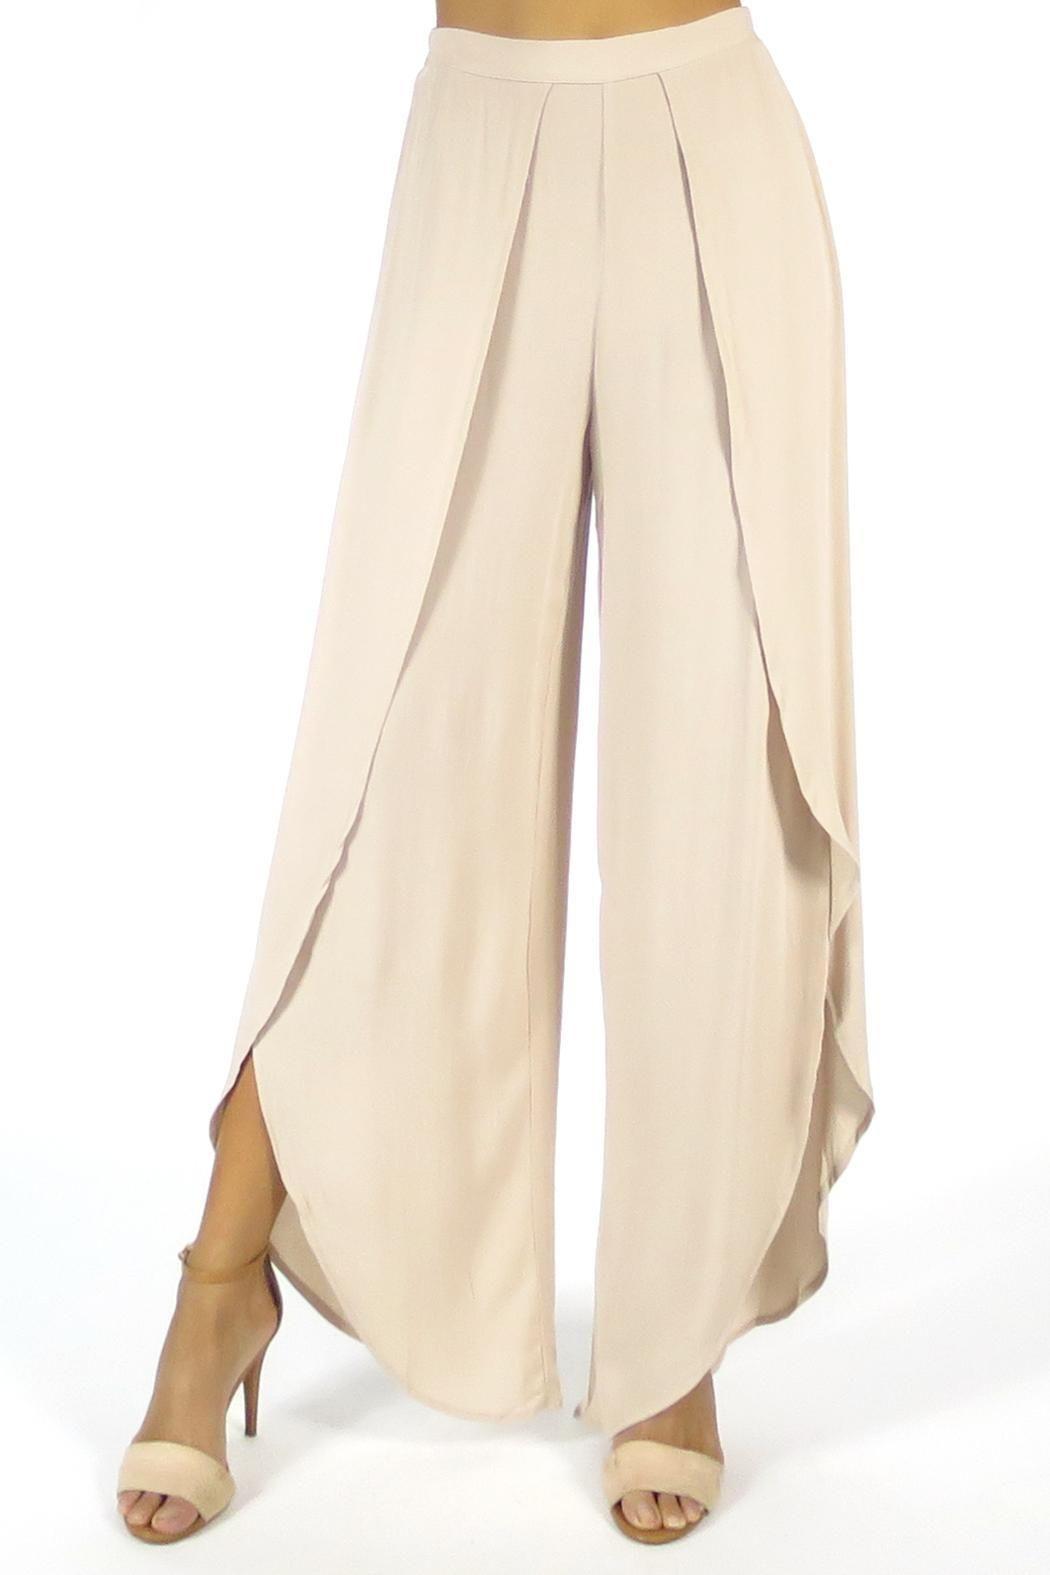 Tulip Pants - main | Patrones | Pinterest | Costura, Ropa y Vestiditos